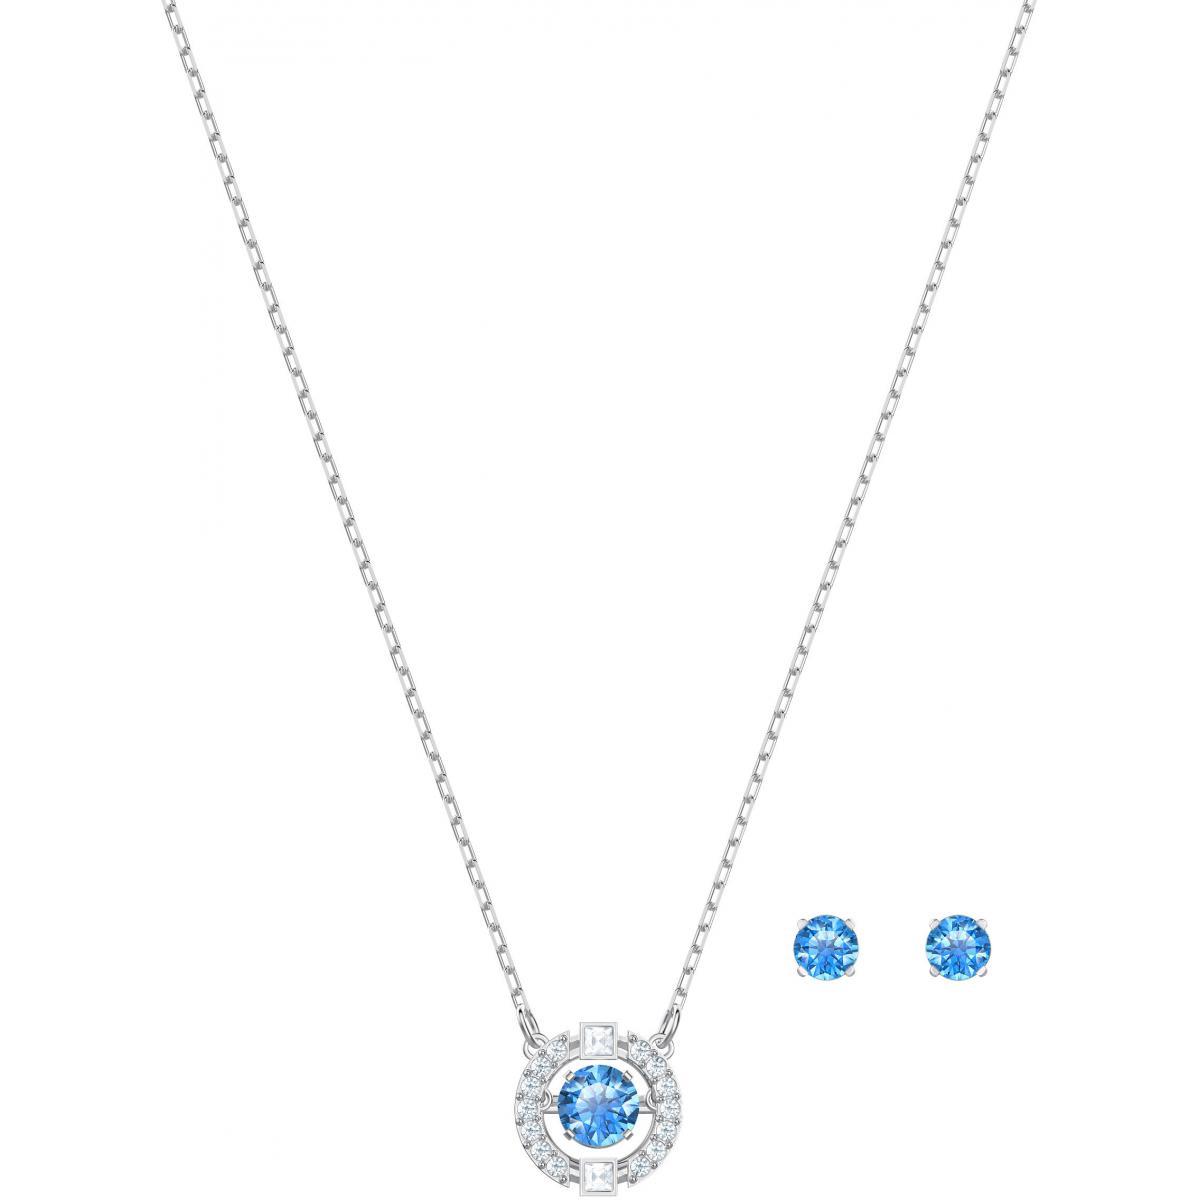 Collier et pendentif Swarovski 5480485 - Collier et pendentif Set Cristaux  Bleus Femme